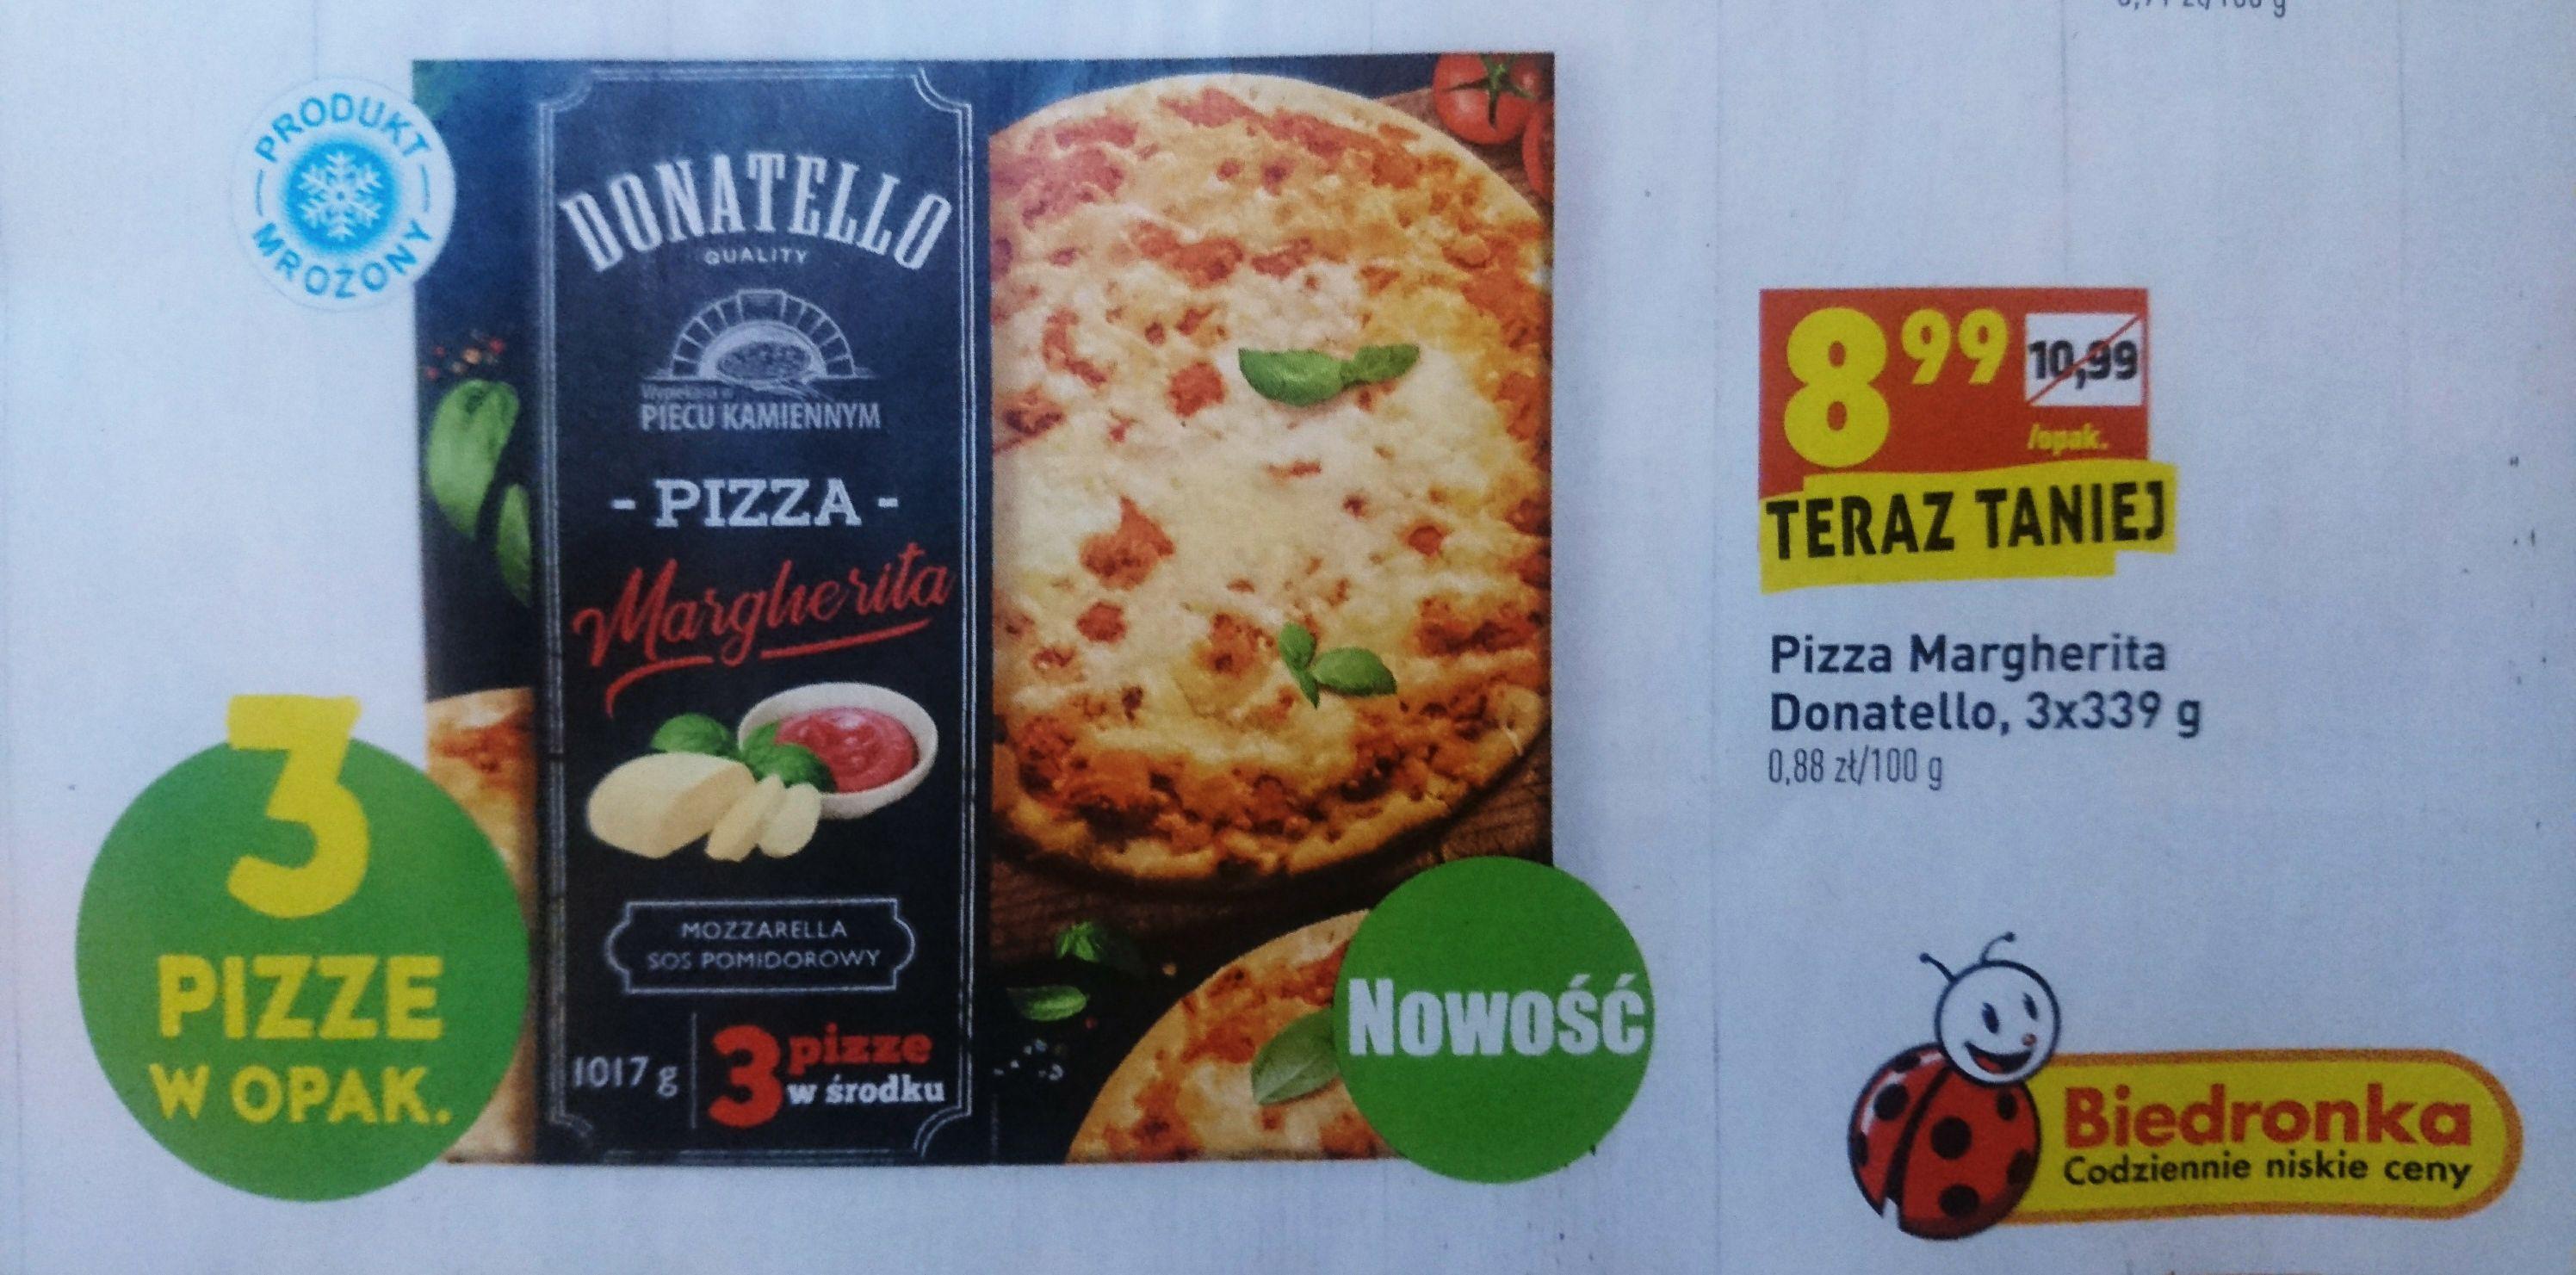 Pizza Margherita Donatello 3x339g=1017g